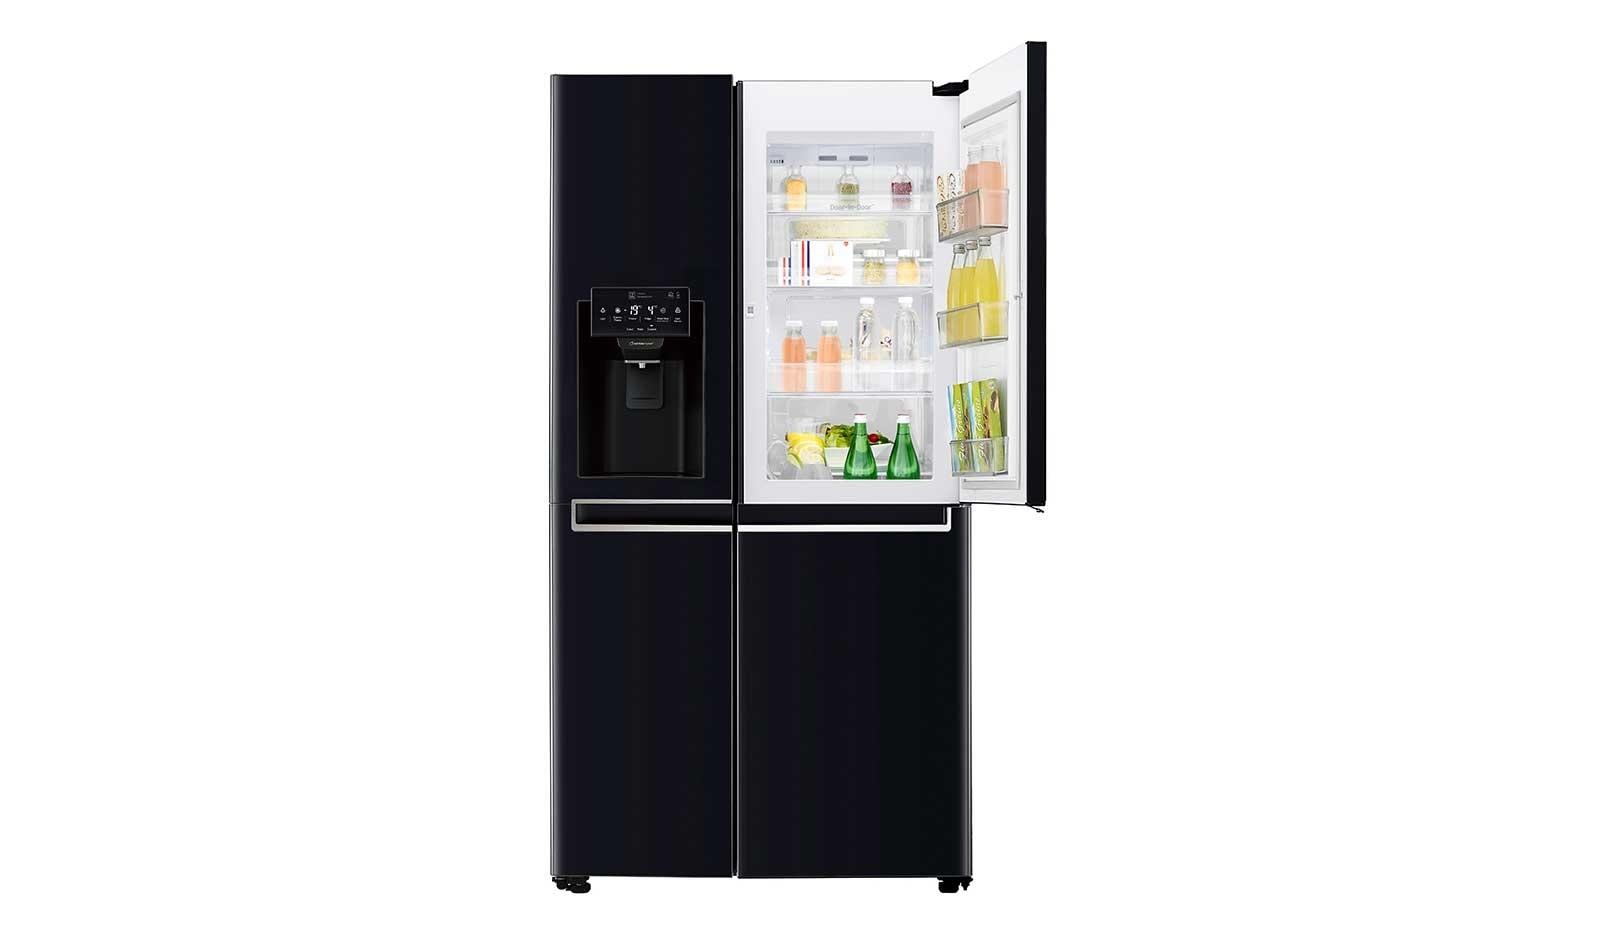 Hvordan tilslutter du vand til dit køleskab